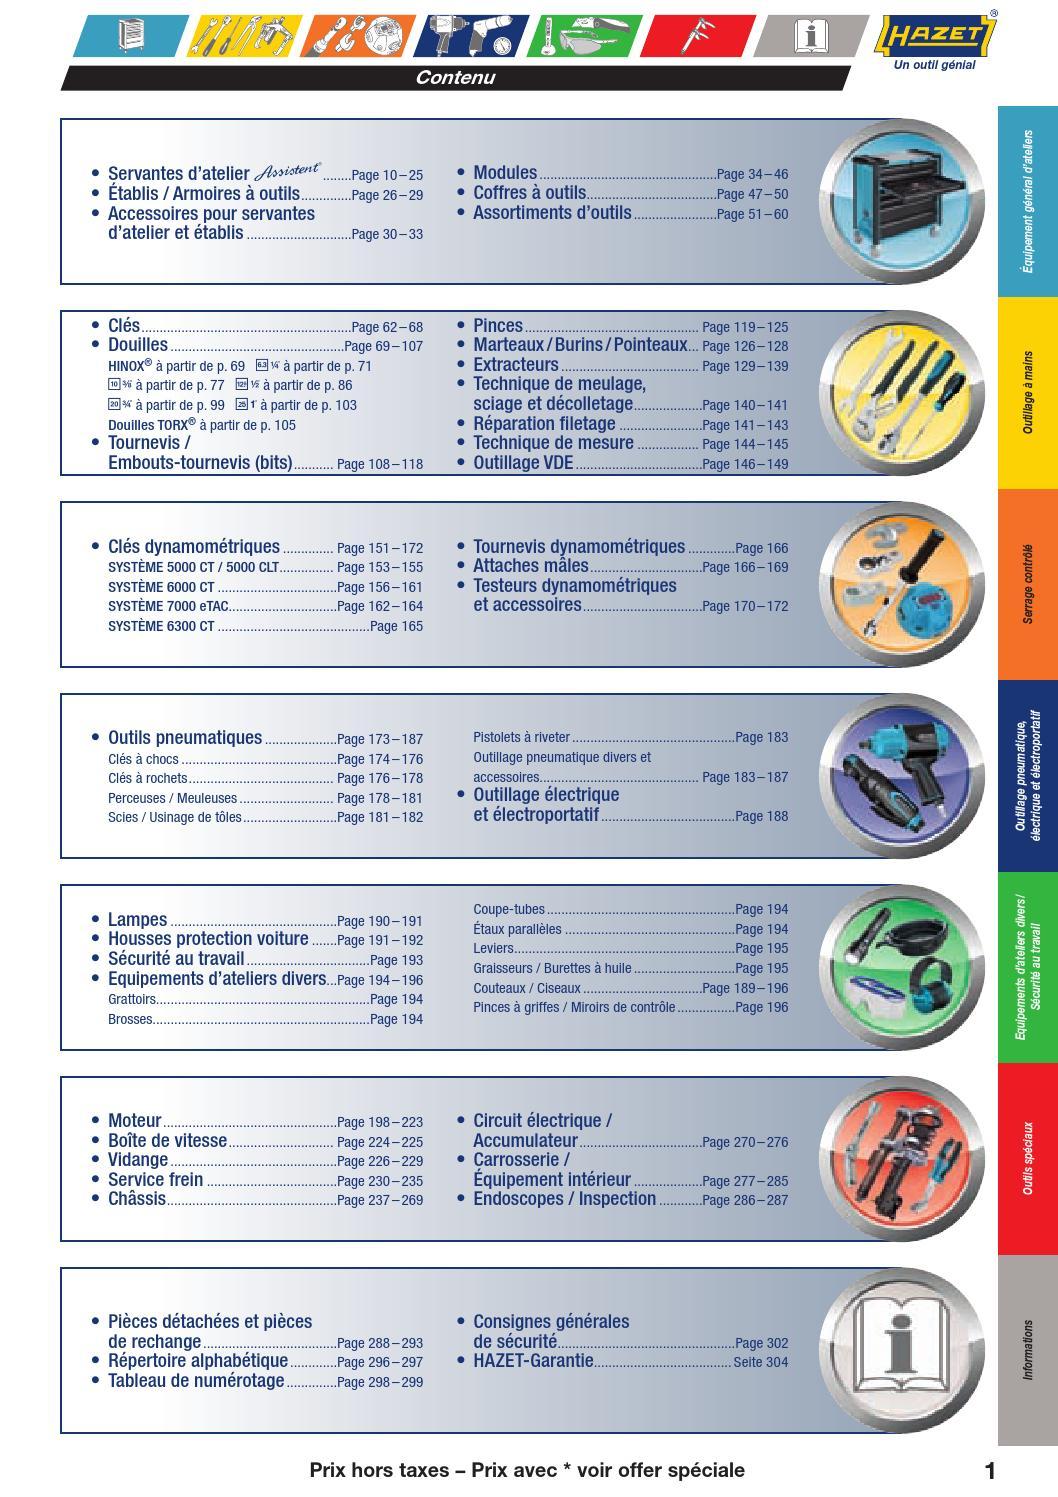 Extracteur de moteur RC accessoire de mise /à niveau outil professionnel Moteur universel pignon extracteur extracteur pour moteurs RC